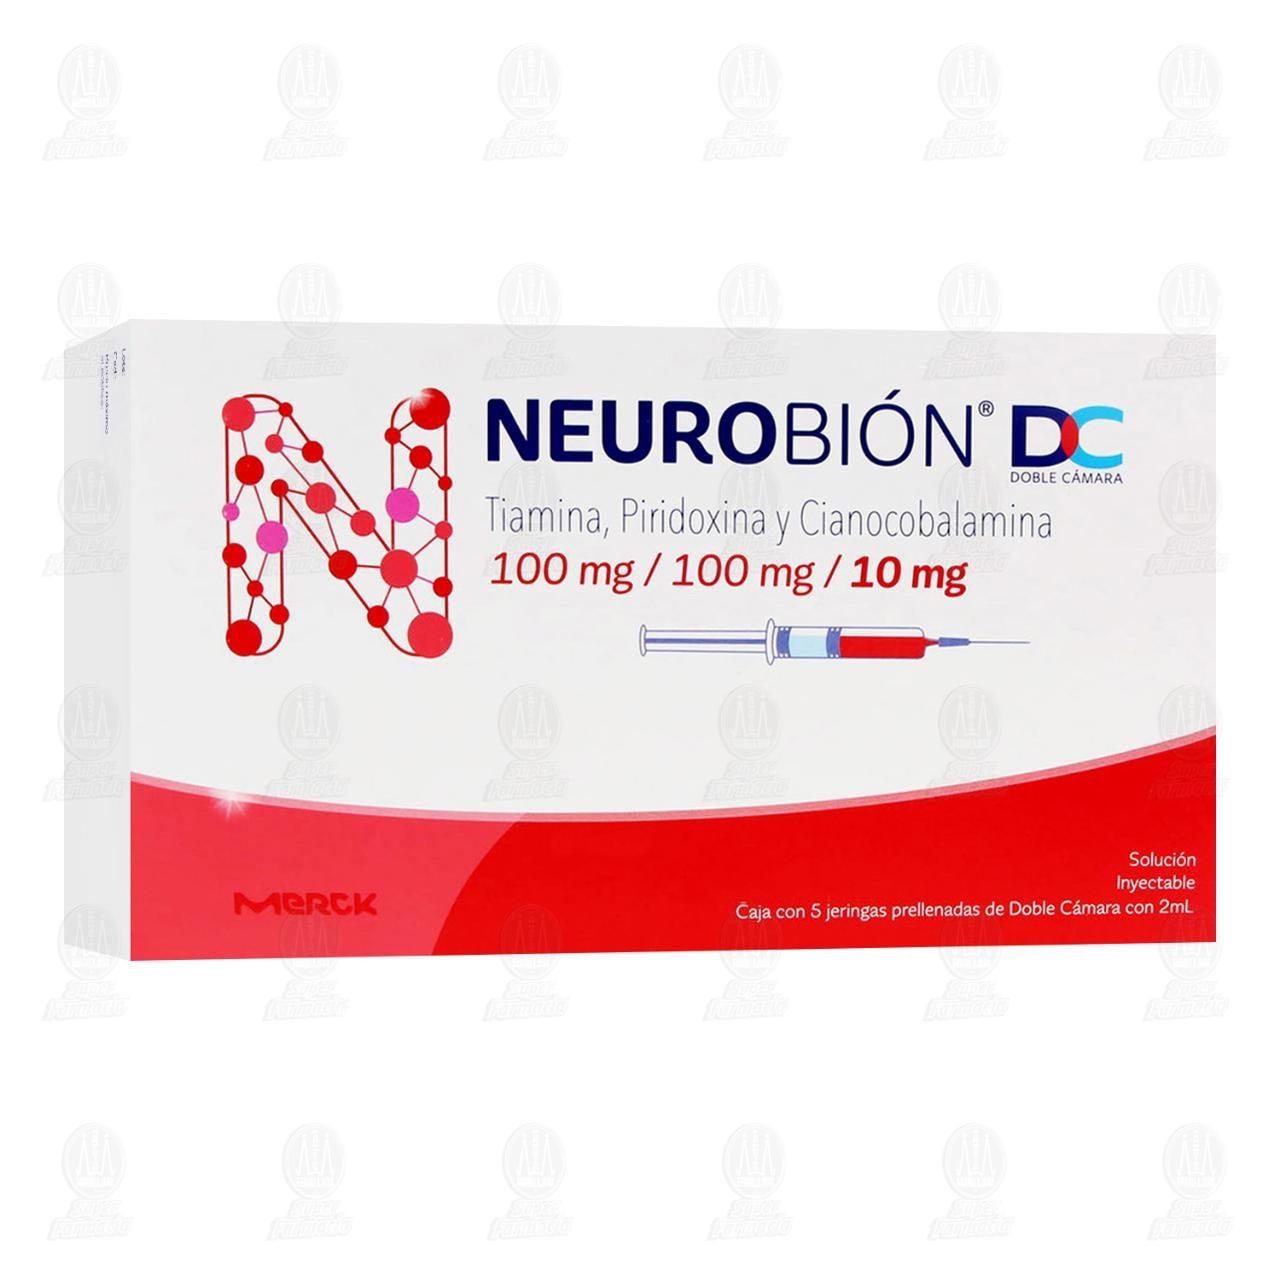 Comprar Neurobión 100mg/100mg/10mg con 5 Jeringas Doble Cámara en Farmacias Guadalajara